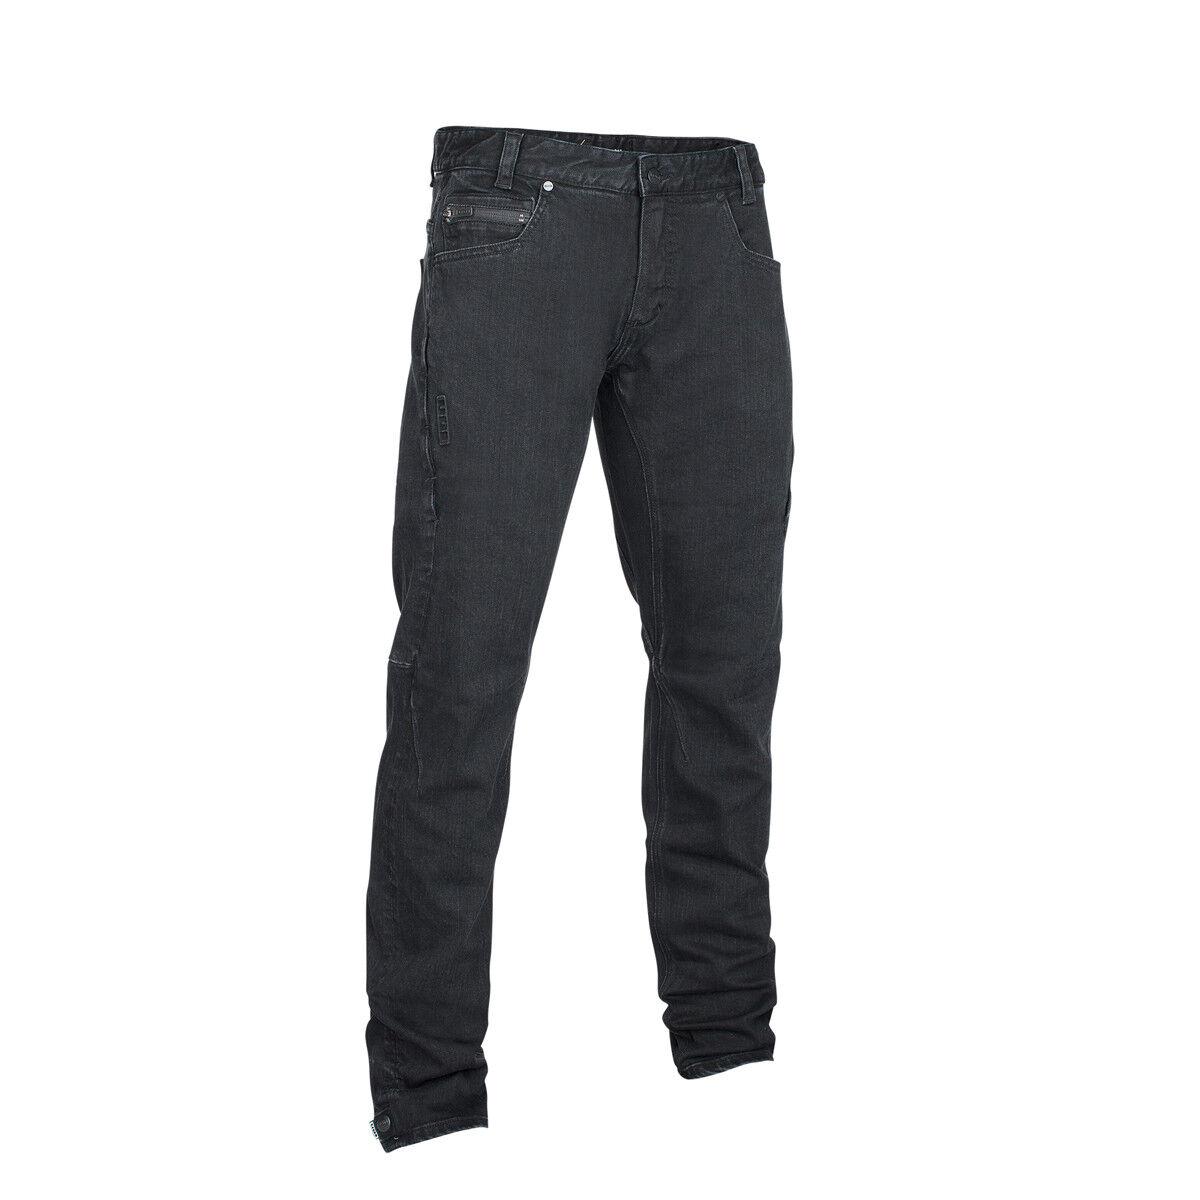 Ion Seek Amp Vélo Pant Pantalon Long noir 2017